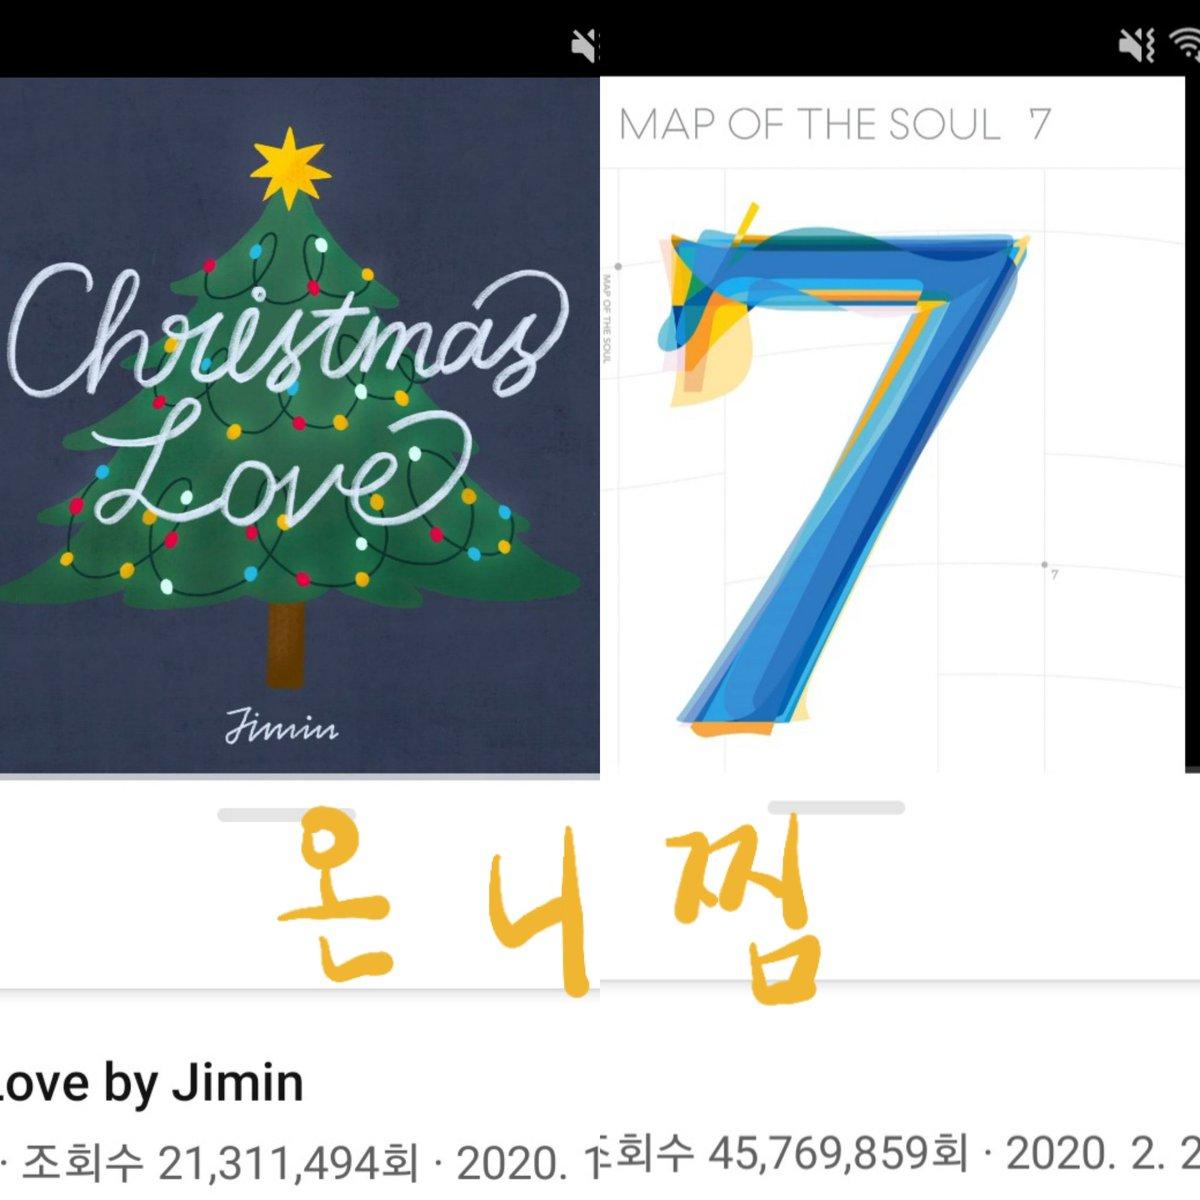 내 할일 하고 기분좋게 하루시작 지민아 너도 오늘하루 행복하세요 (오늘부터 숟가락 못써 ㅠㅠ??)  #JIMIM #지민 #ParkJimin